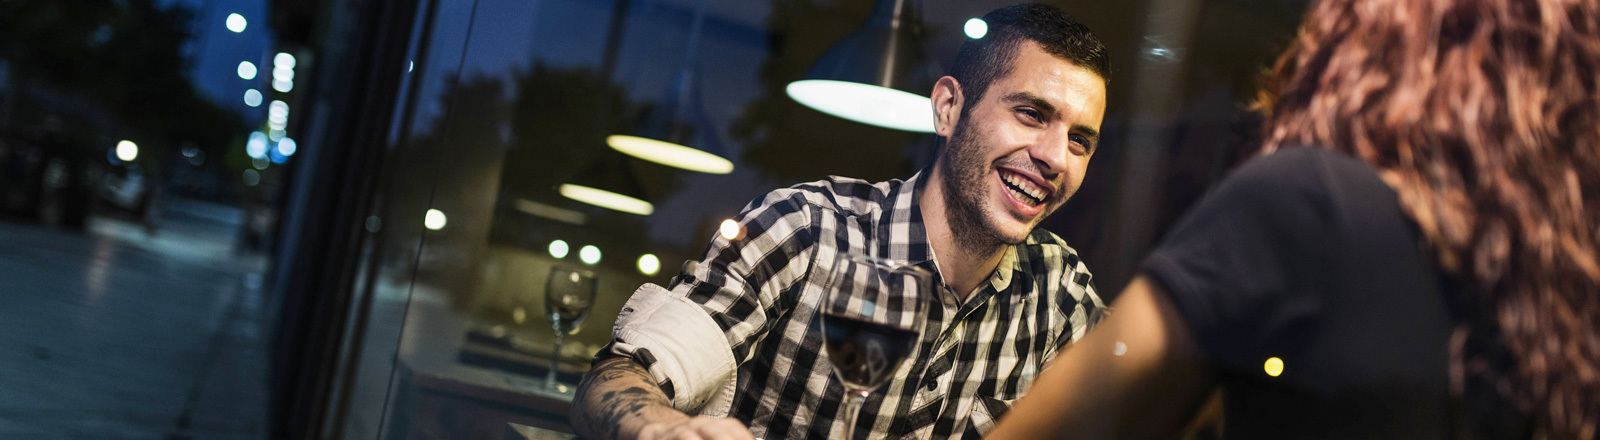 Ein Mann und eine Frau sitzen sich in einem Restaurant an einem Tisch gegenüber. Sie ist von hinten zu sehen. Er lacht sie an.